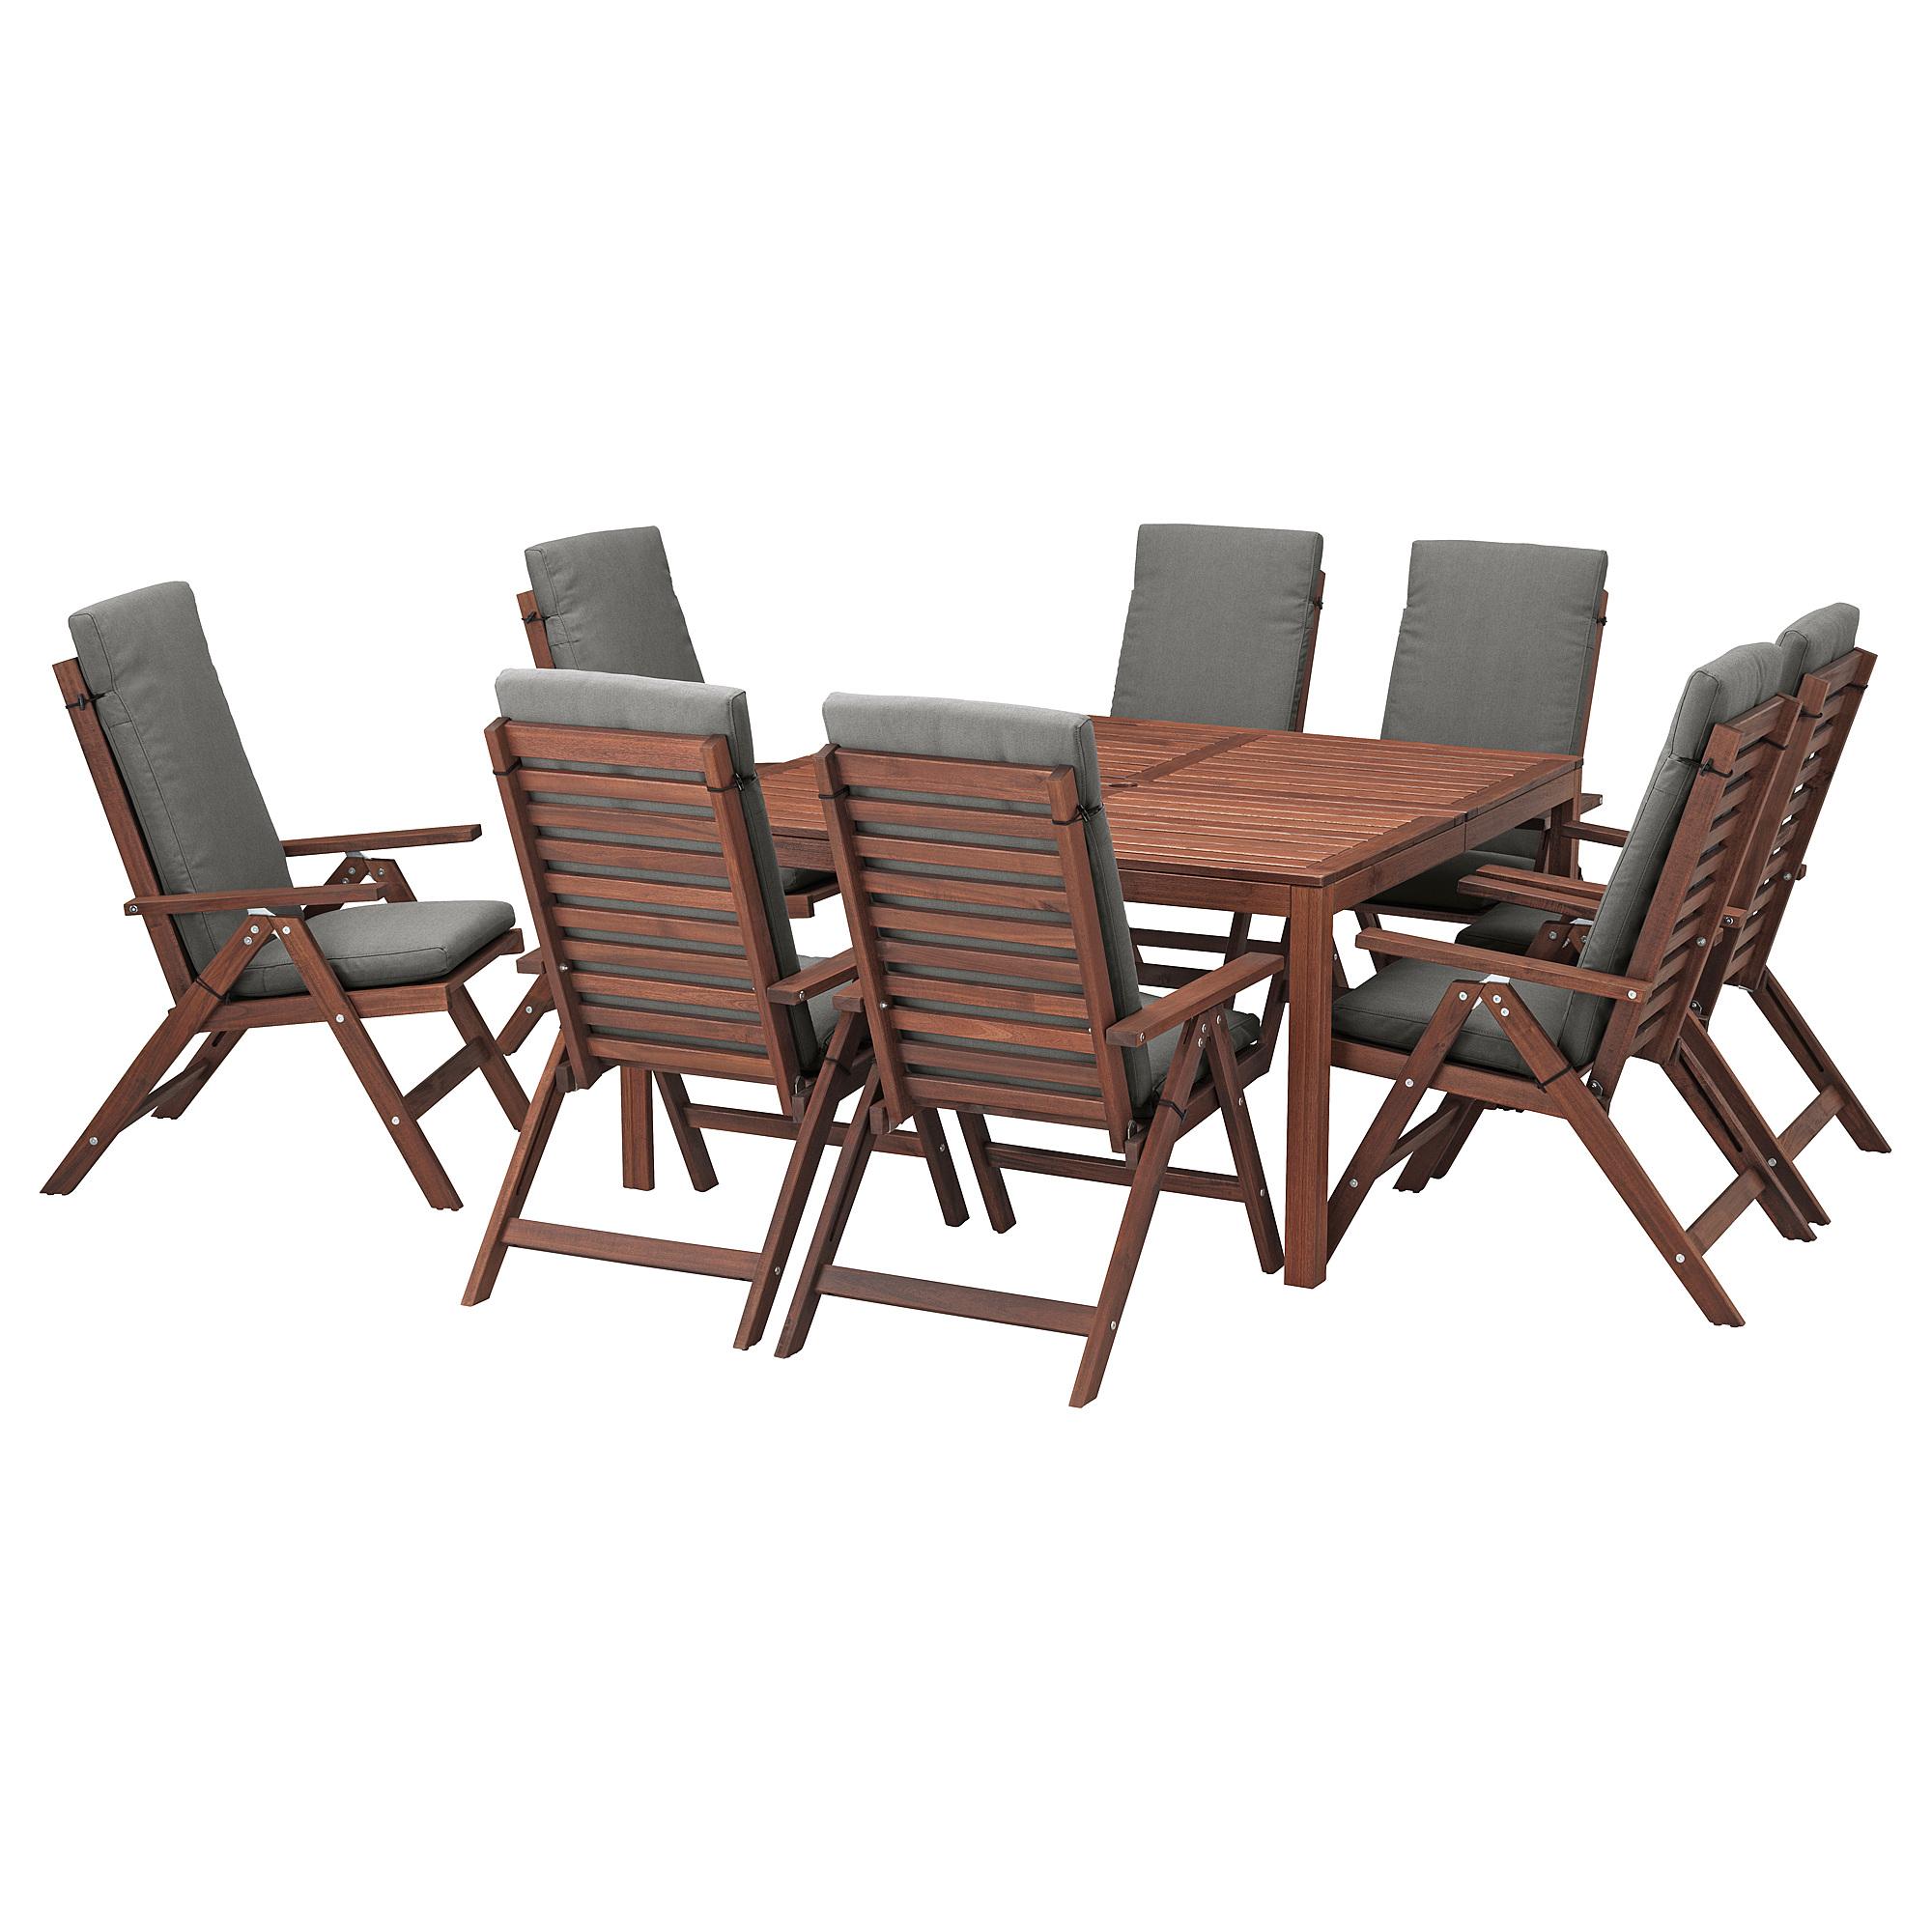 Стол + 8 кресел ЭПЛАРО темно-серый артикуль № 292.688.14 в наличии. Интернет сайт IKEA Республика Беларусь. Быстрая доставка и монтаж.